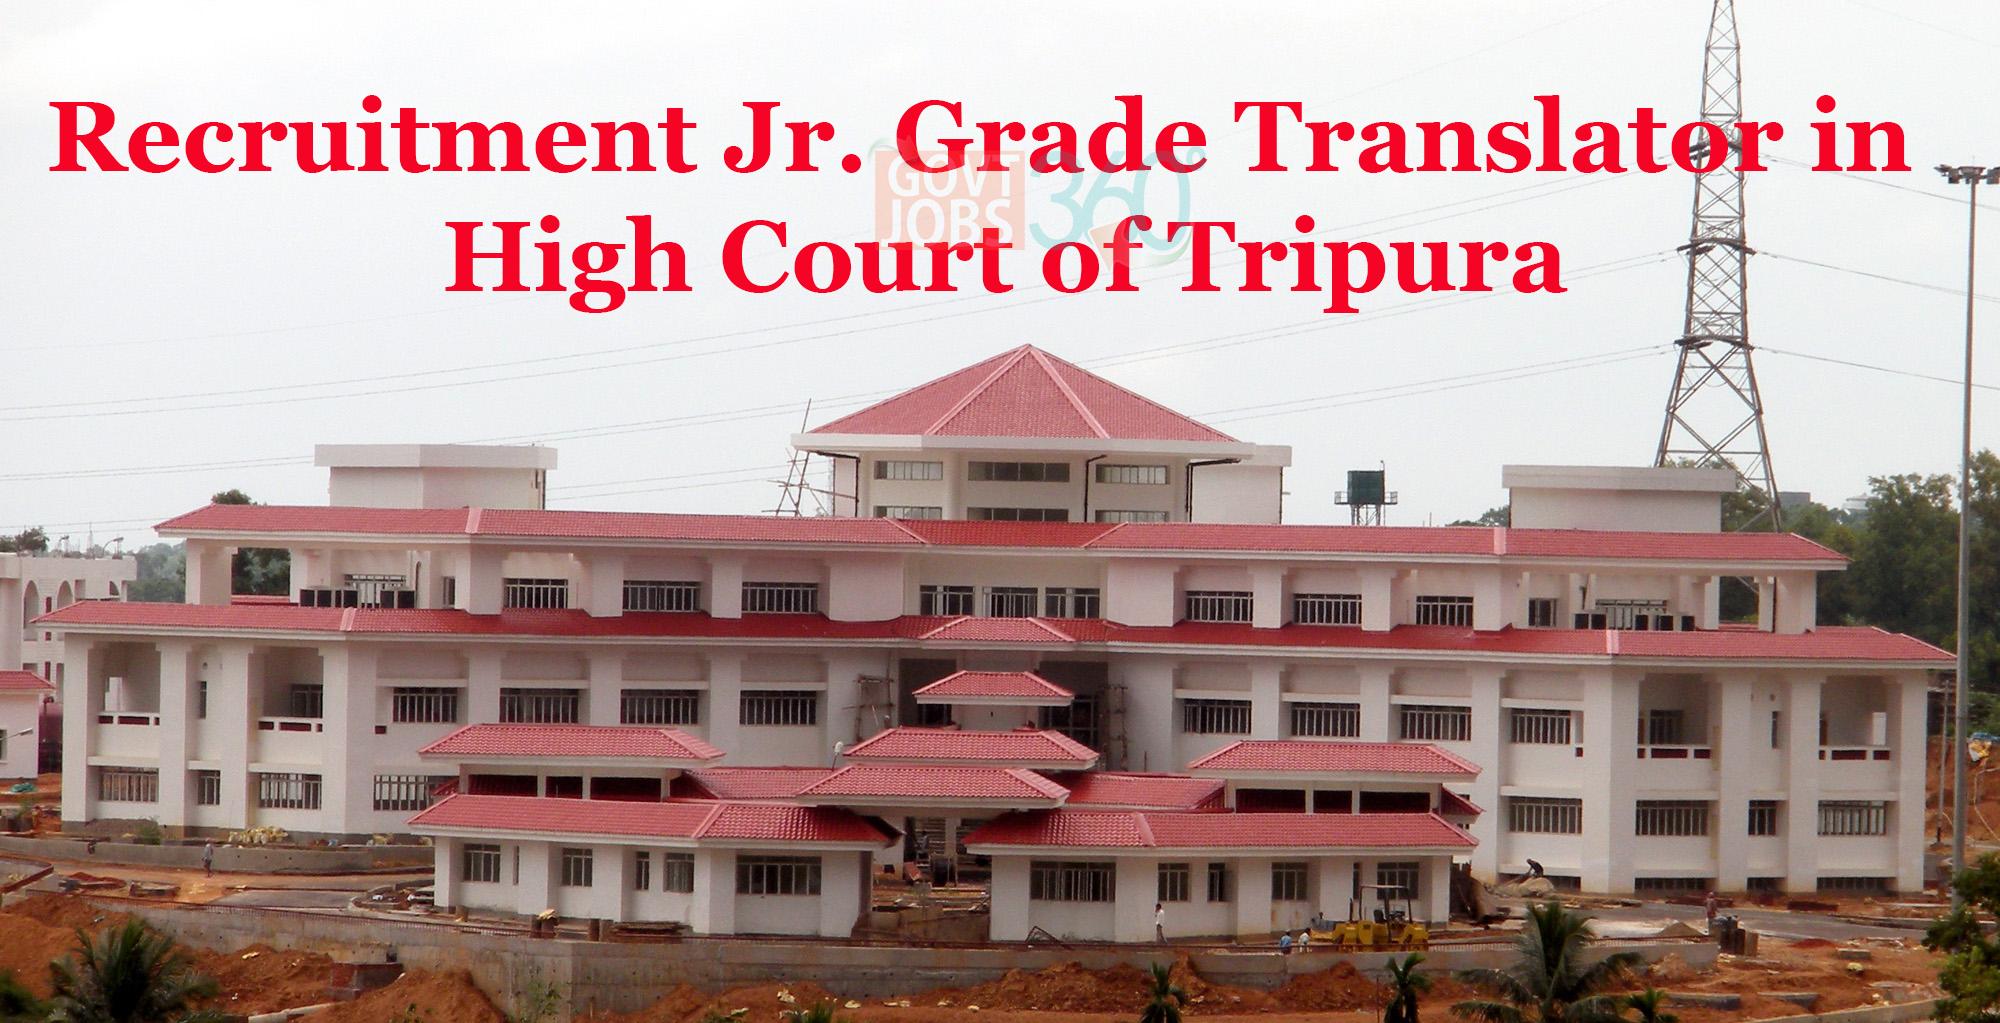 Recruitment Jr. Grade Translator in  High Court of Tripura